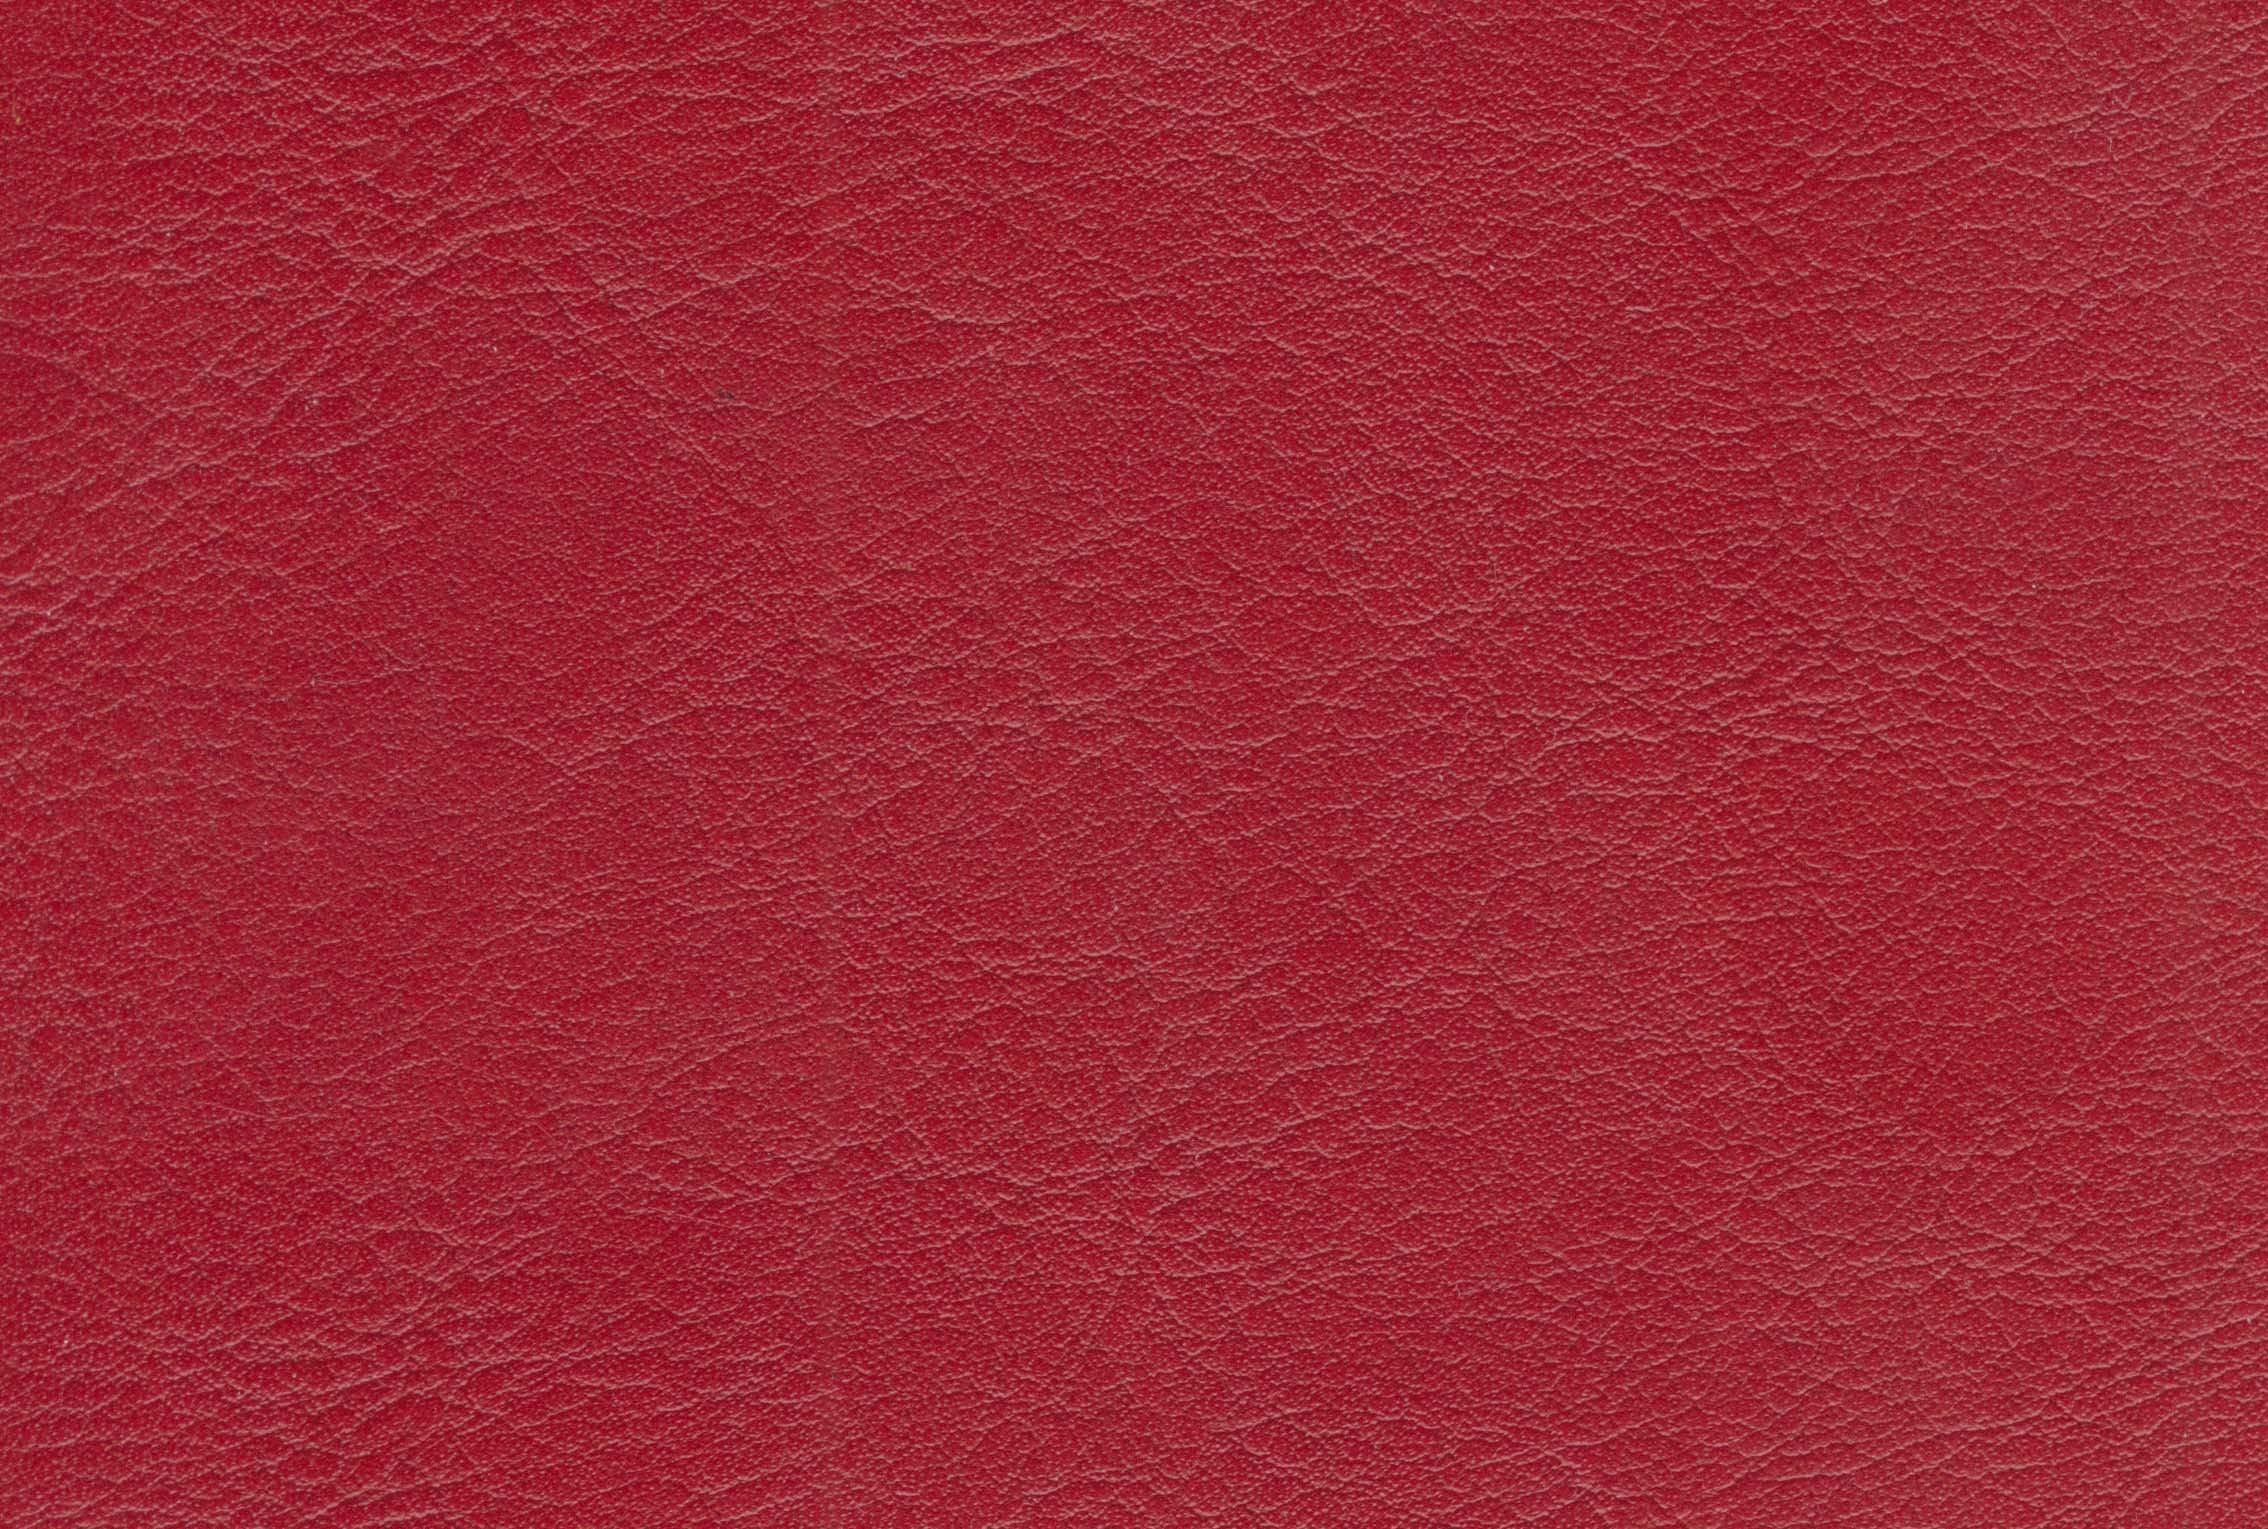 Fotos Gratis Cuero Textura Piso Patr 243 N L 237 Nea Rojo